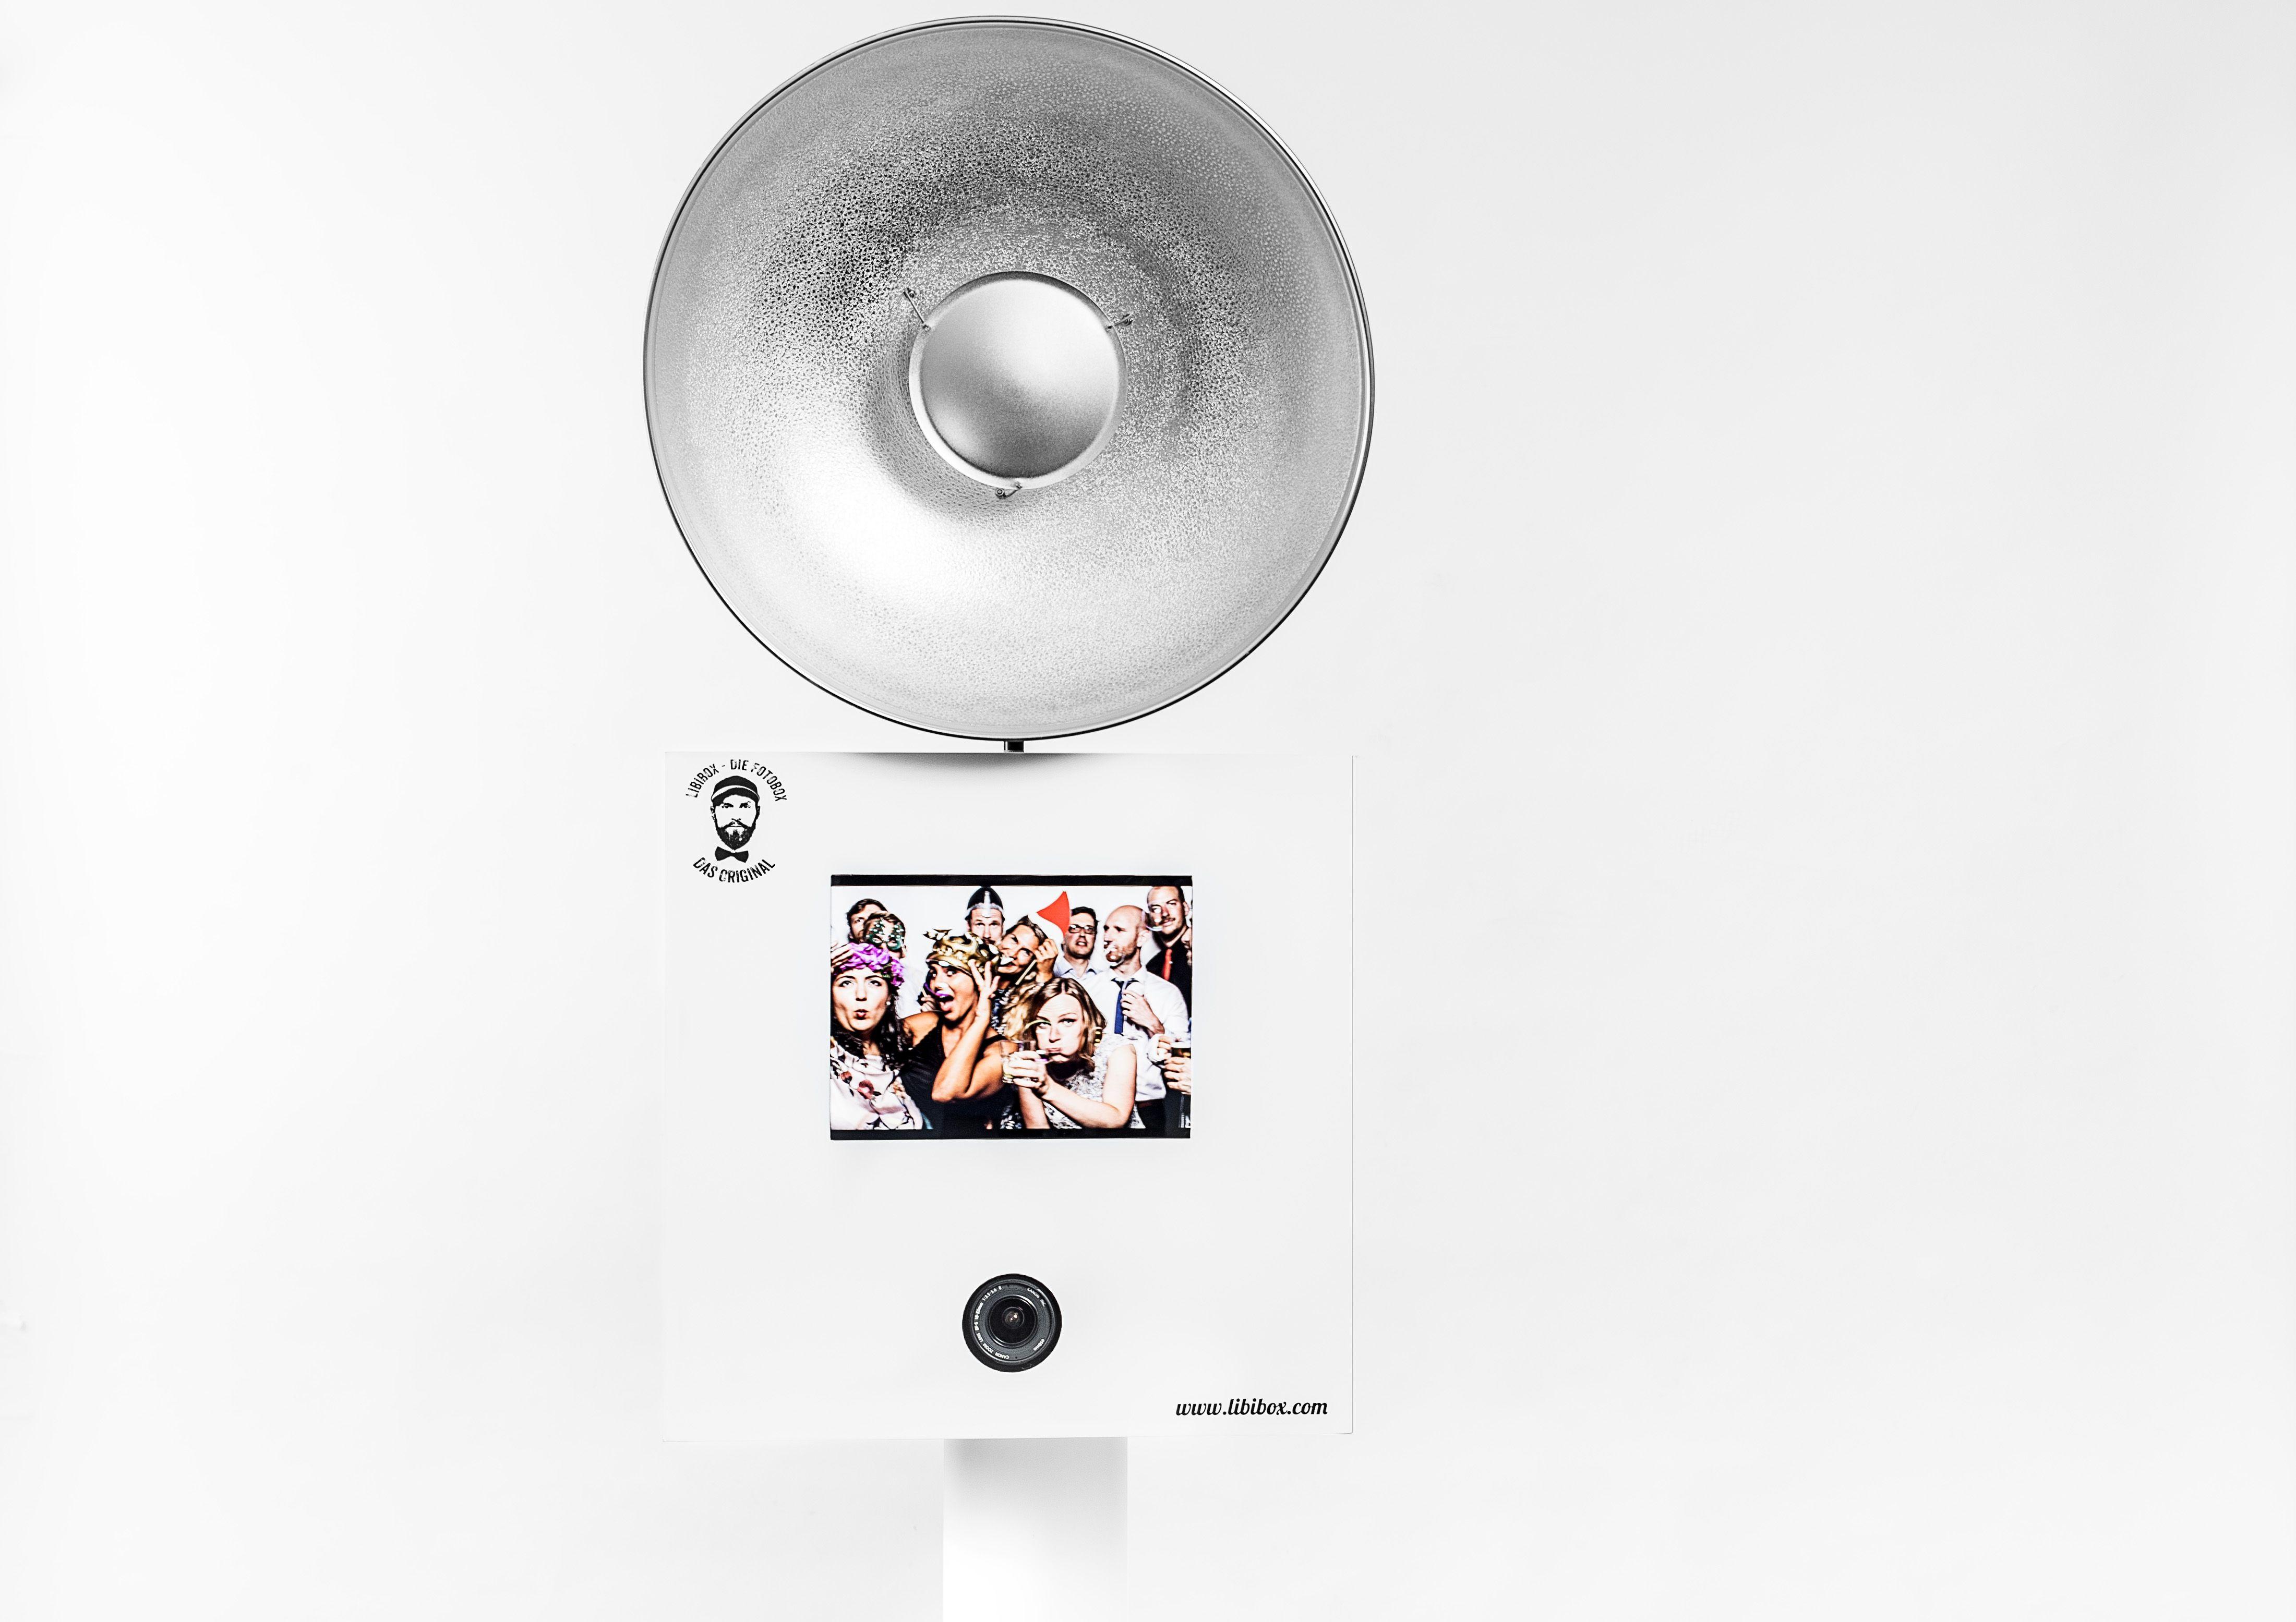 Libibox Fotobox Photobooth Fur Hochzeiten Und Veranstaltungen Schnell Zuverlassig Und Ein Toller Service Im Fotobox Photo Booth Hochzeit Fotobox Hochzeit